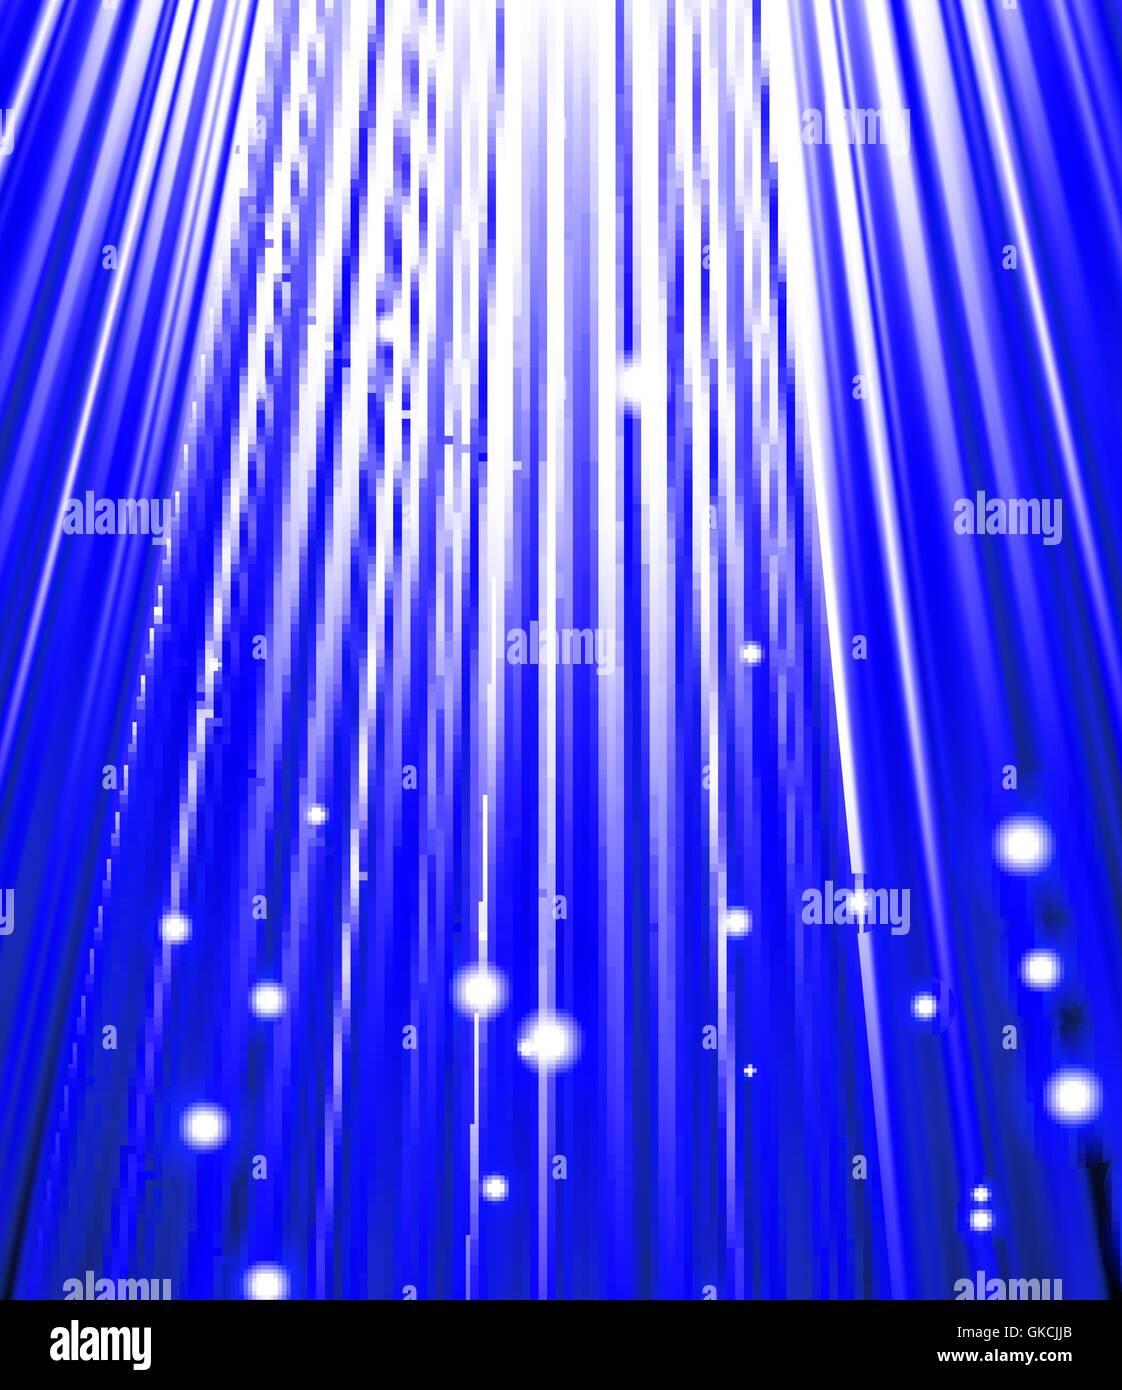 Sterne fallen auf dem Hintergrund des blauen Strahlen. Stockbild